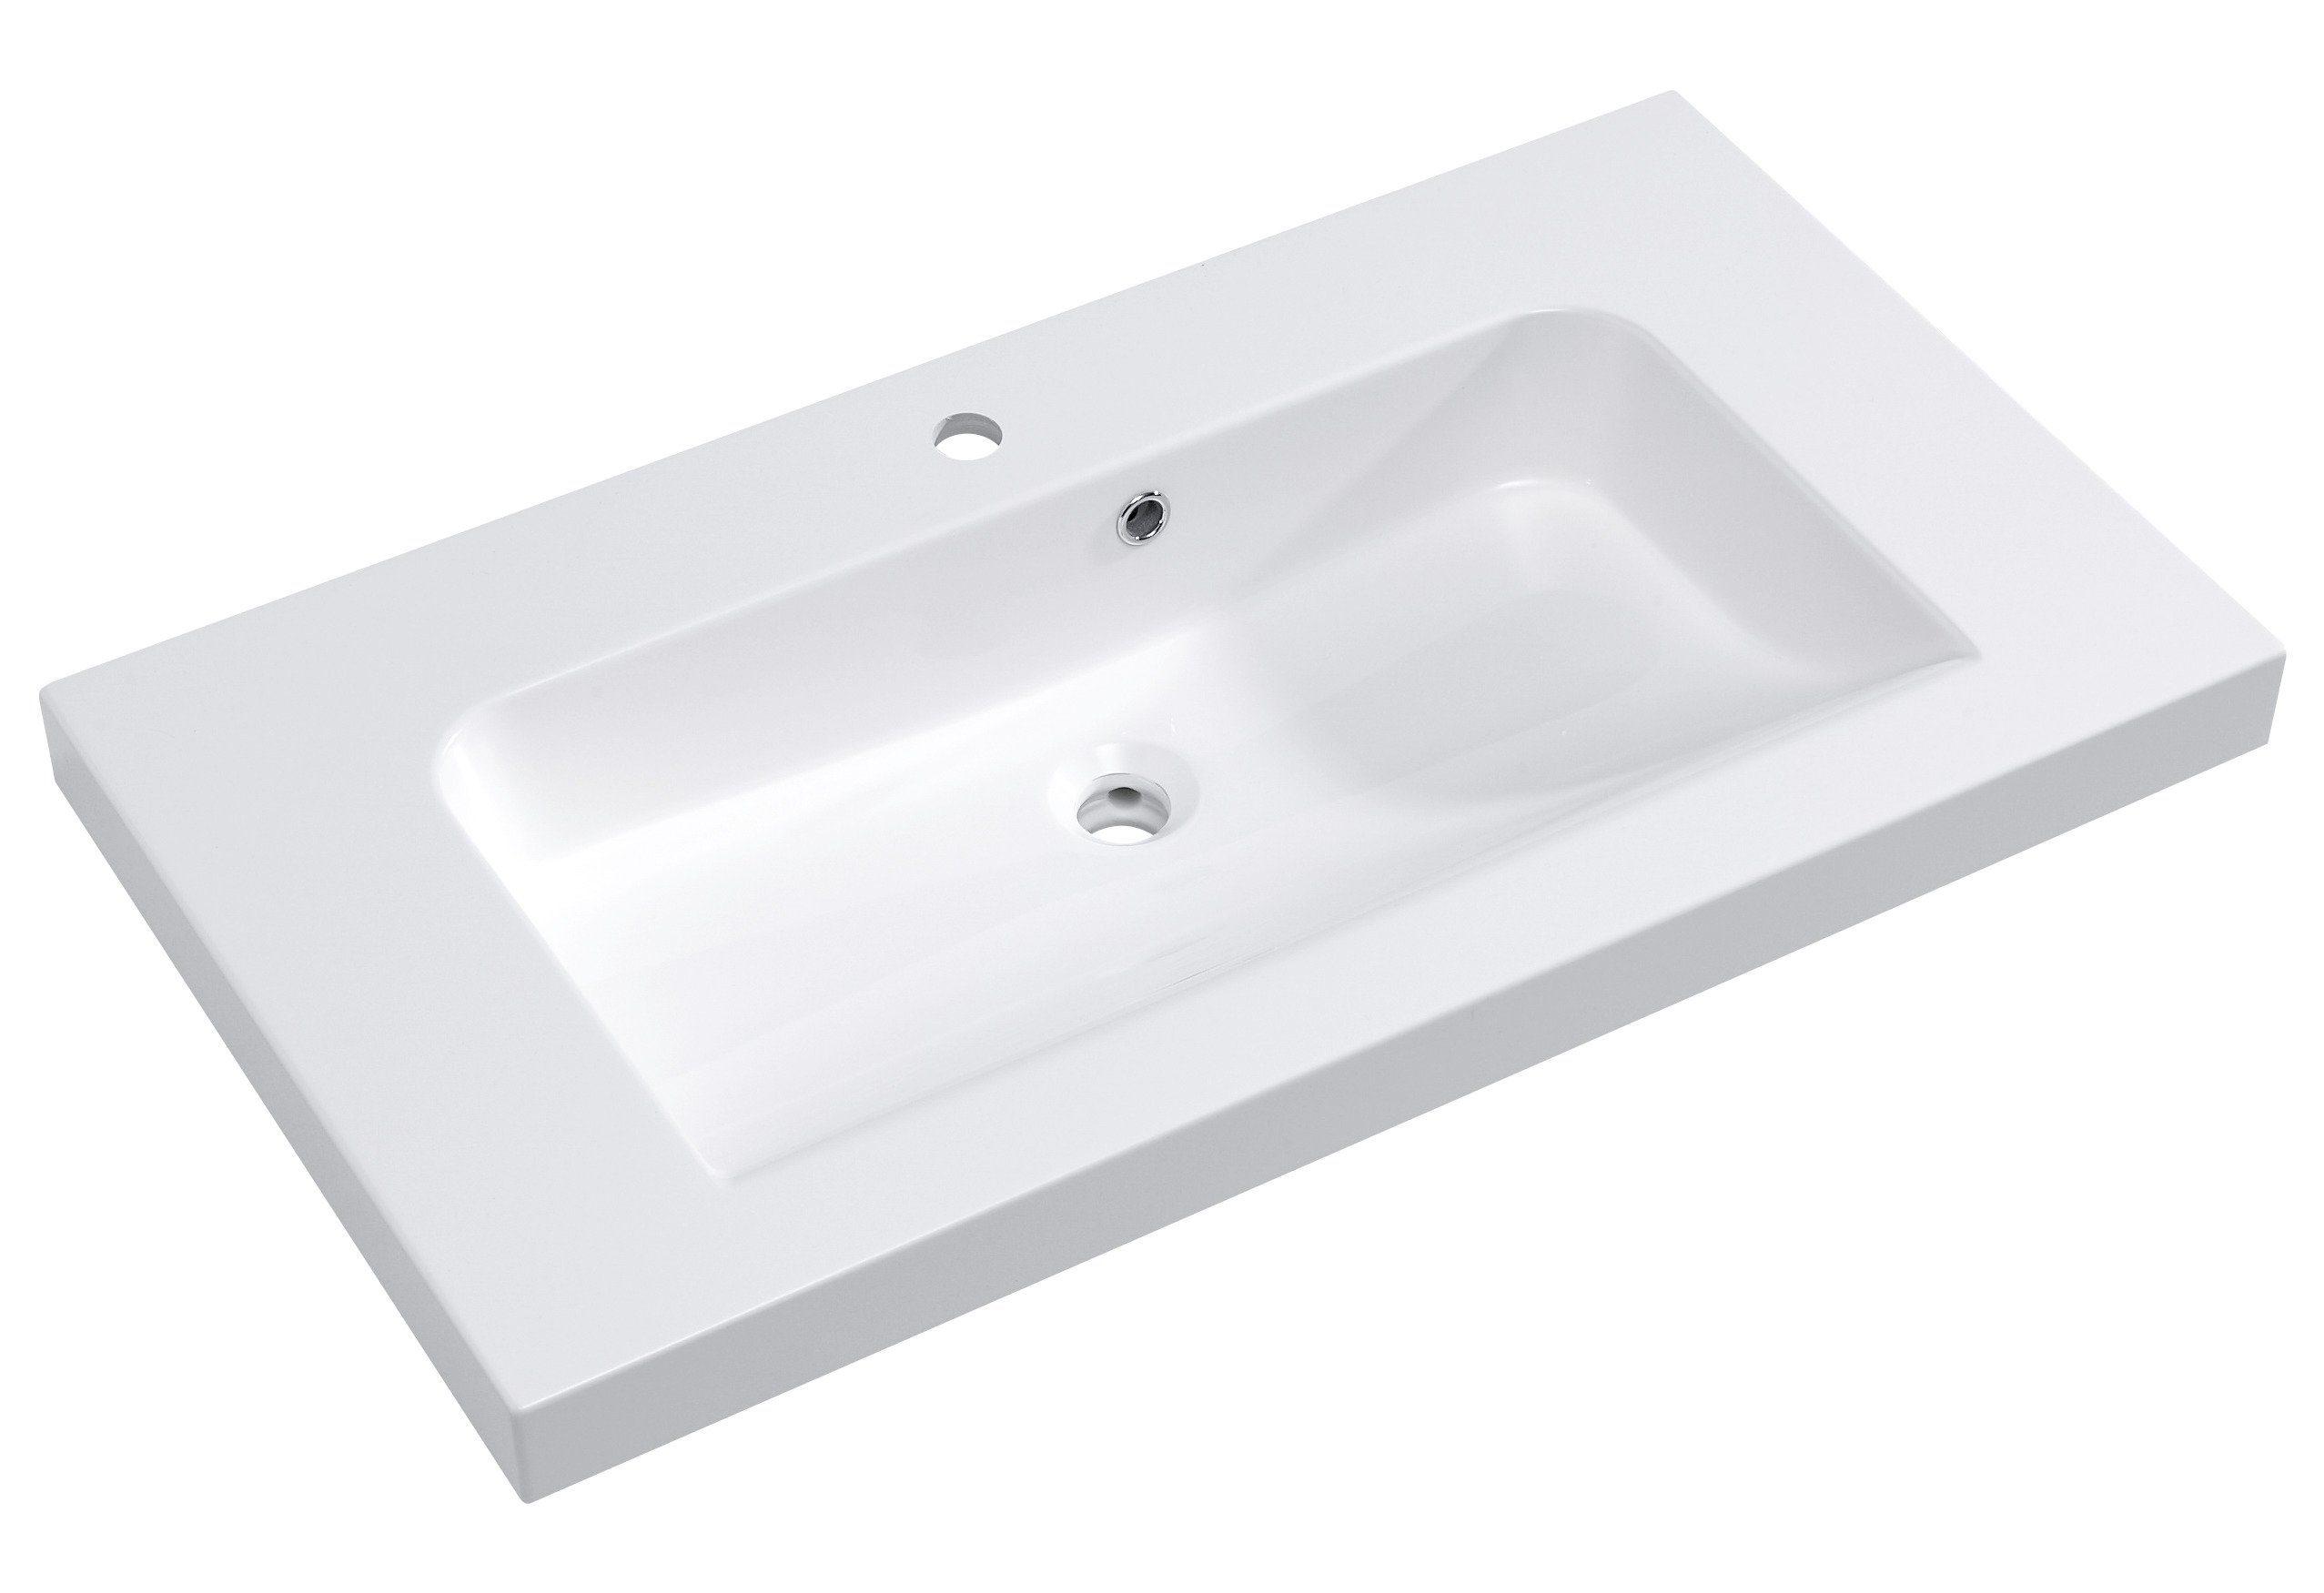 Pelipal Mineralguss Waschtisch / Waschbecken »Balto« Breite 91 cm